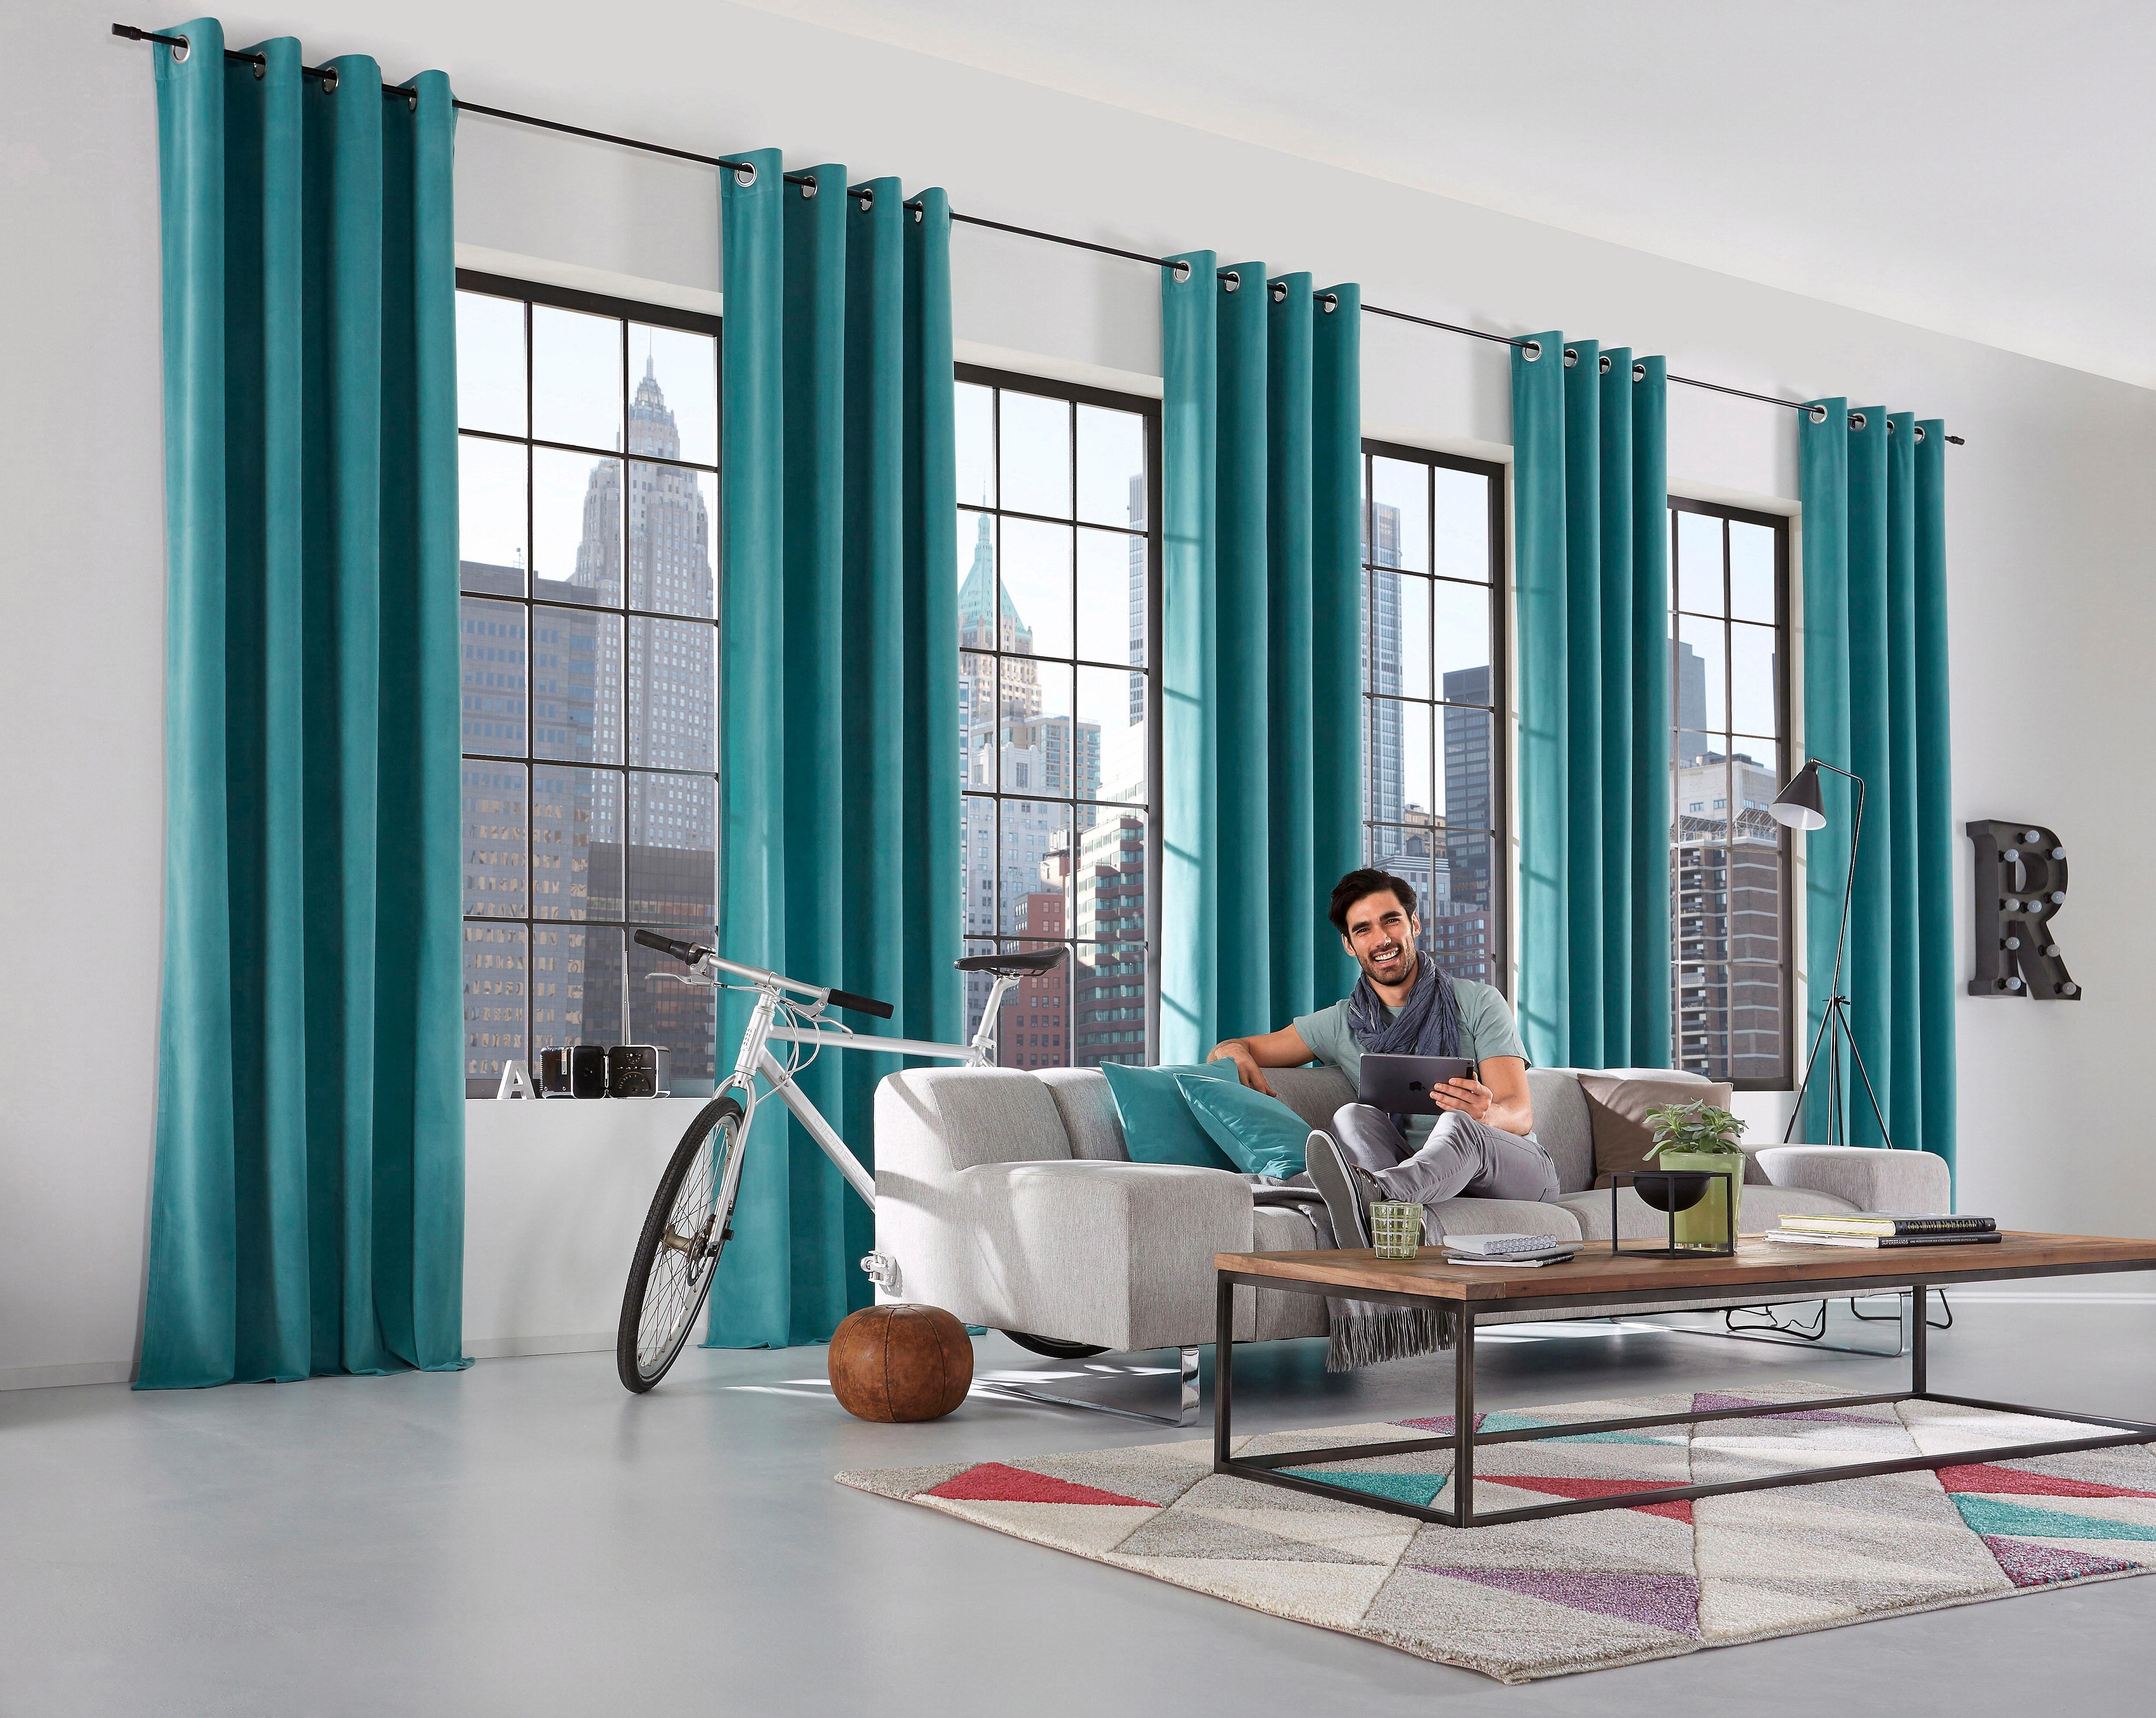 Stunning Gordijnen Venlo Contemporary - Ideeën Voor Thuis ...